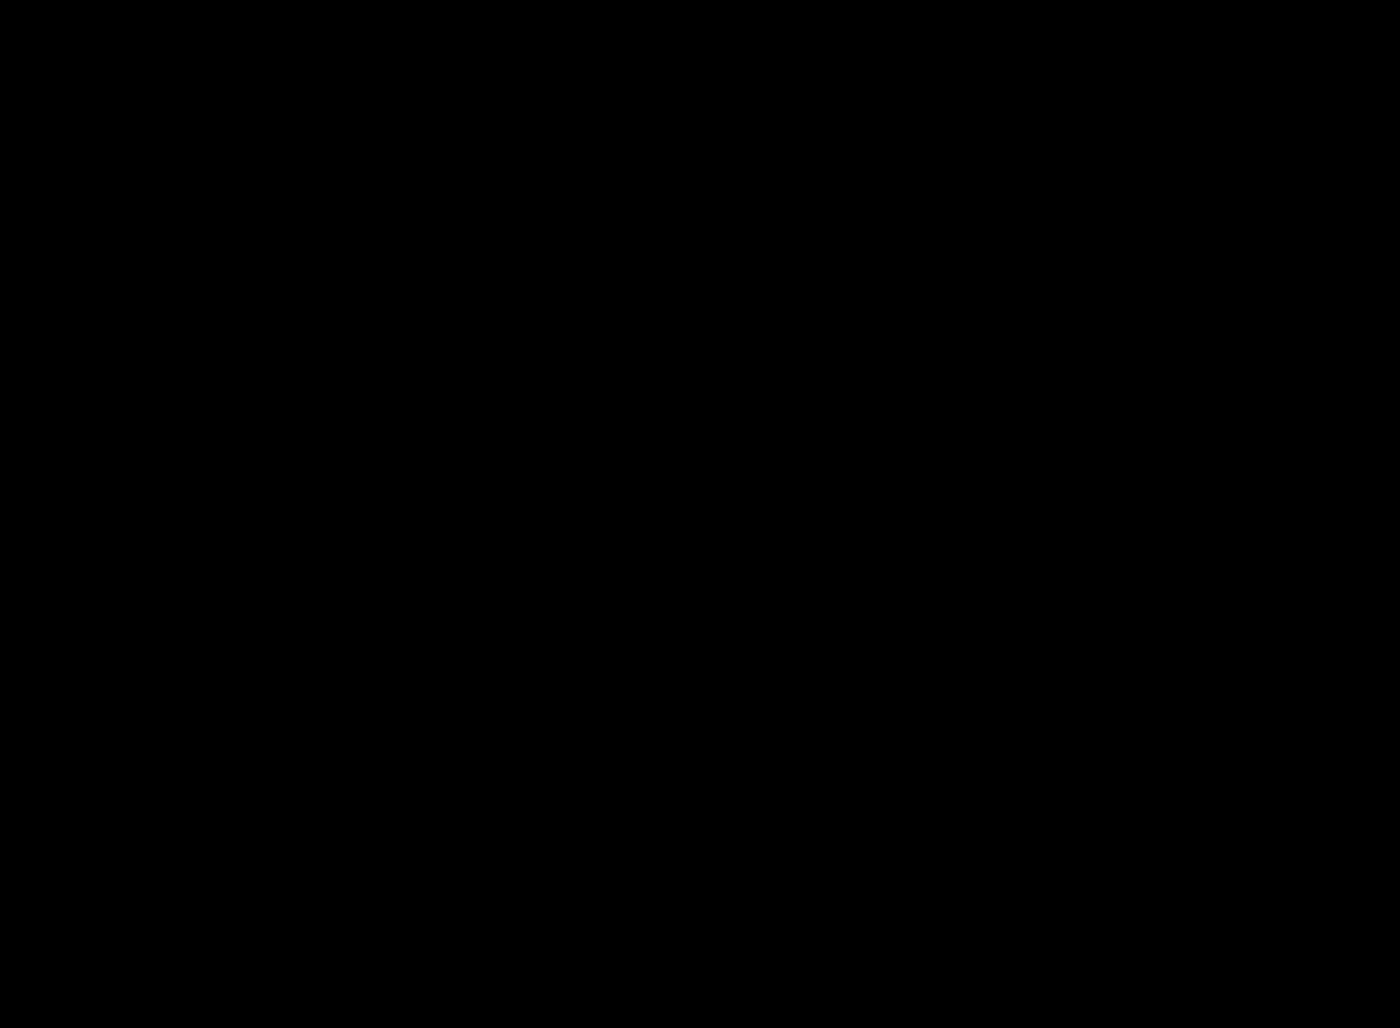 grundriss-doppelhaus-og-energieeffizient